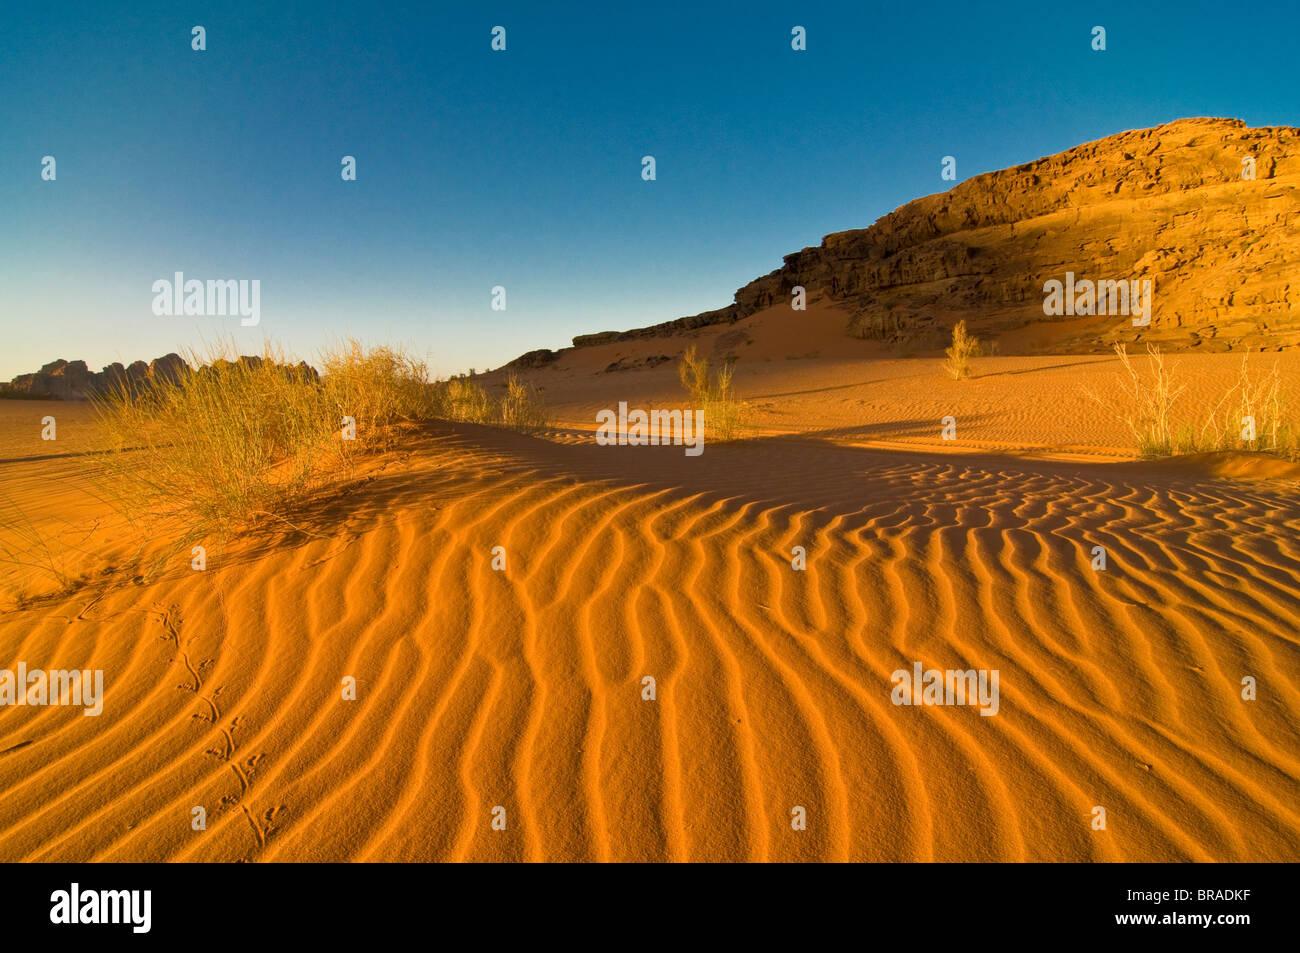 Les superbes paysages du désert de Wadi Rum, Jordanie, Moyen-Orient Banque D'Images